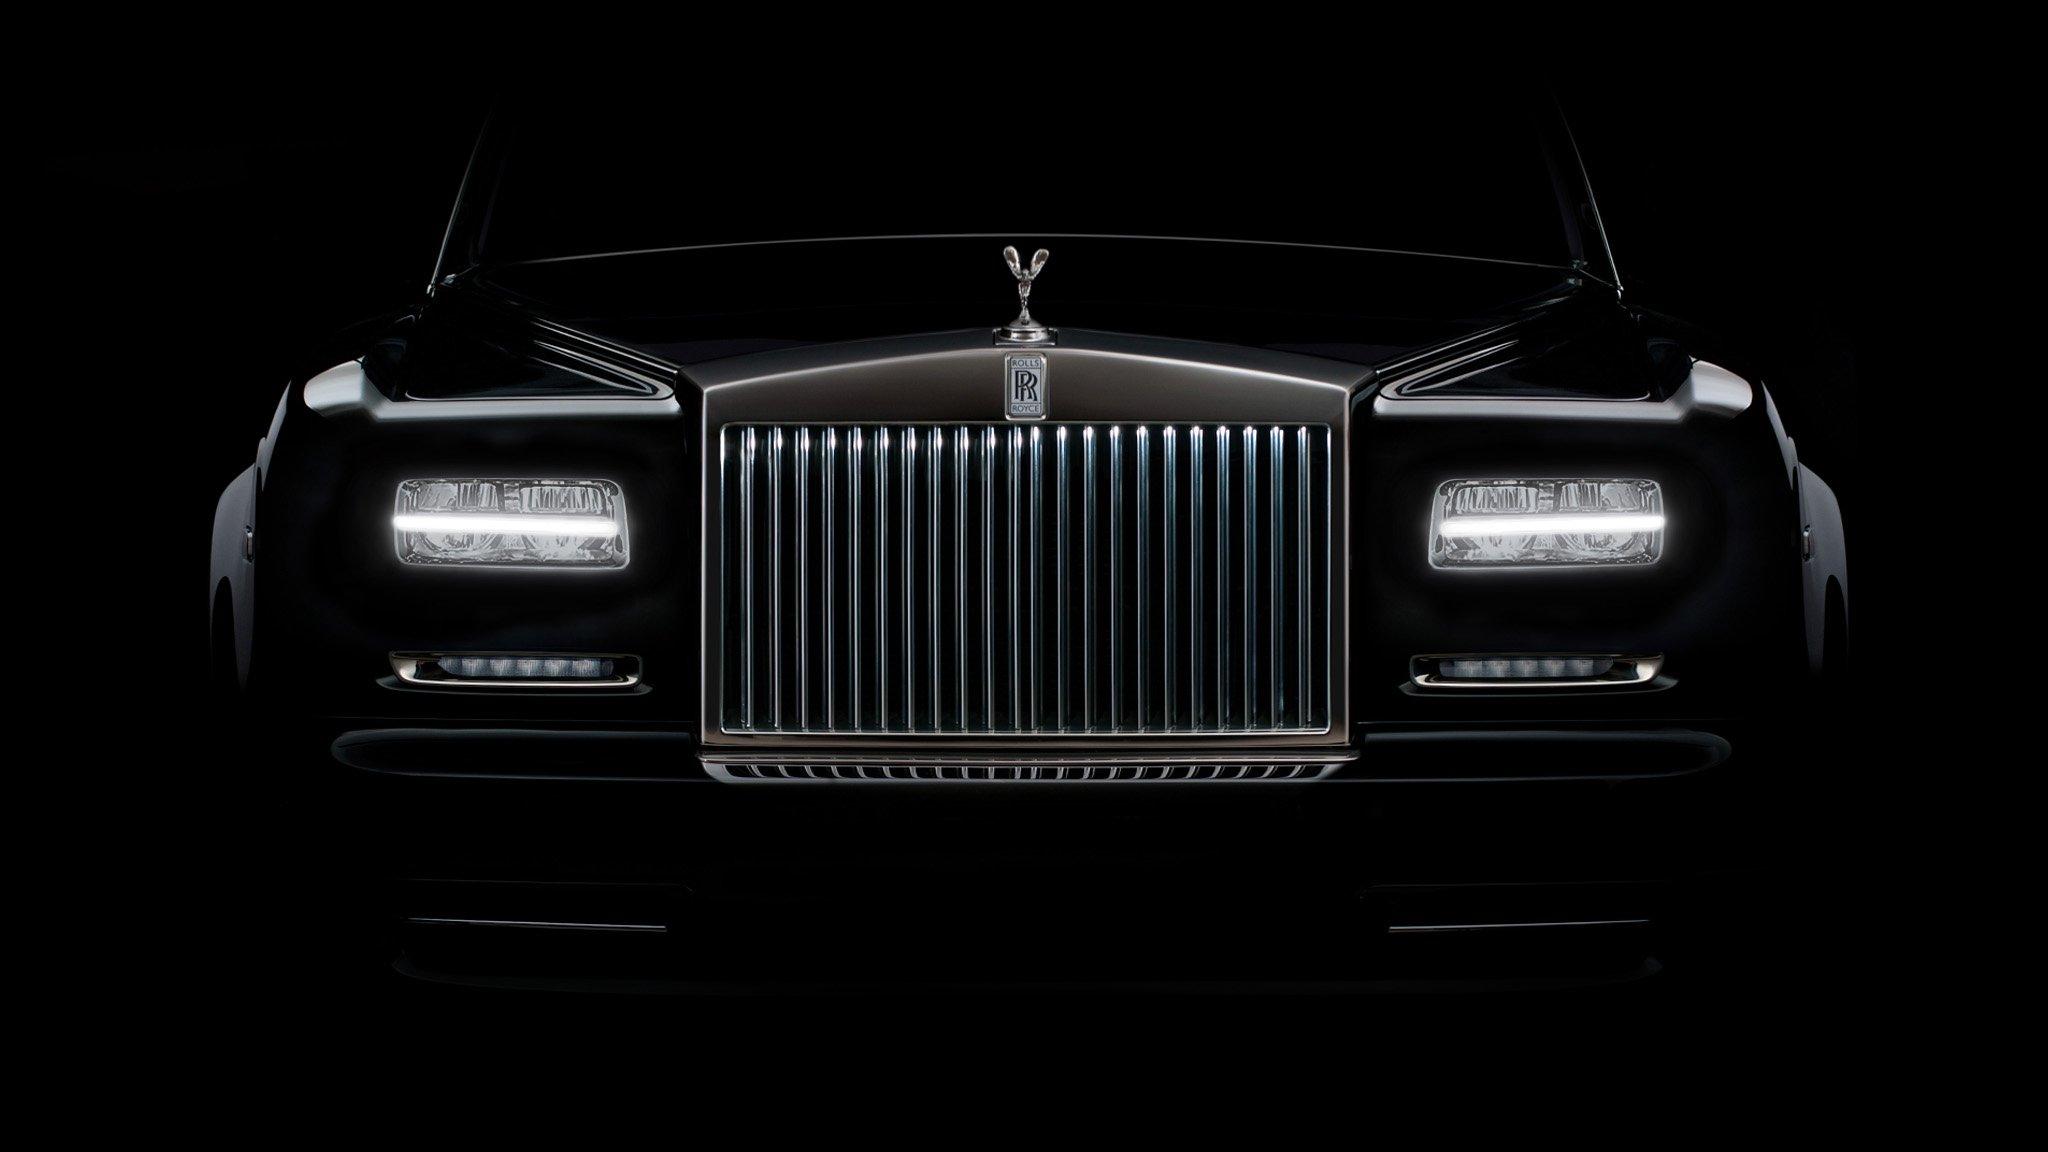 Специалисты назвали ТОП-5 люксовых авто в РФ стоимостью неменее 17 млн